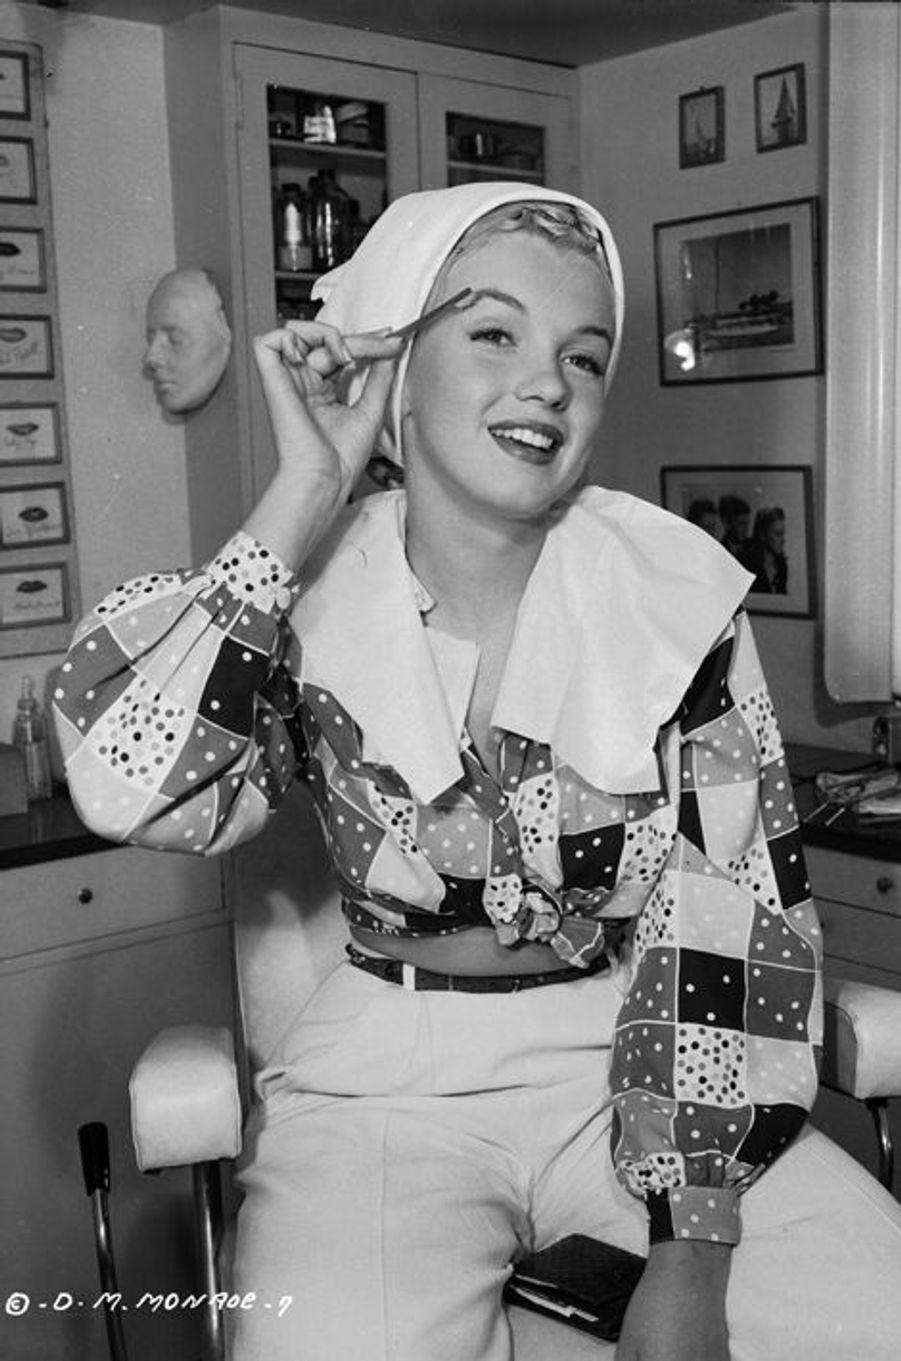 Séance de maquillage en 1948